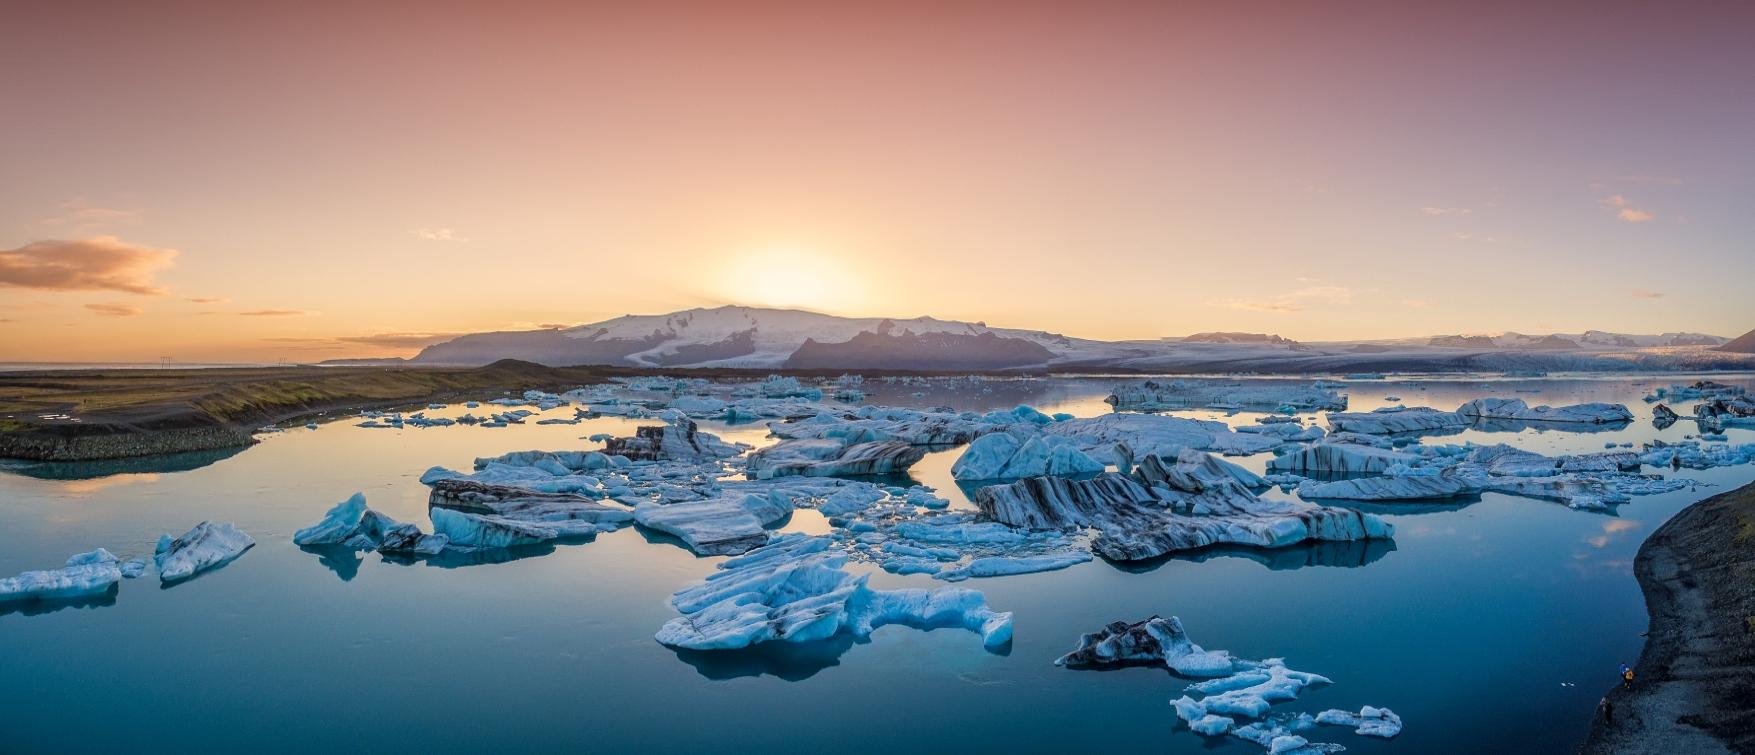 Mitternachtssonne über der Gletscherlagune